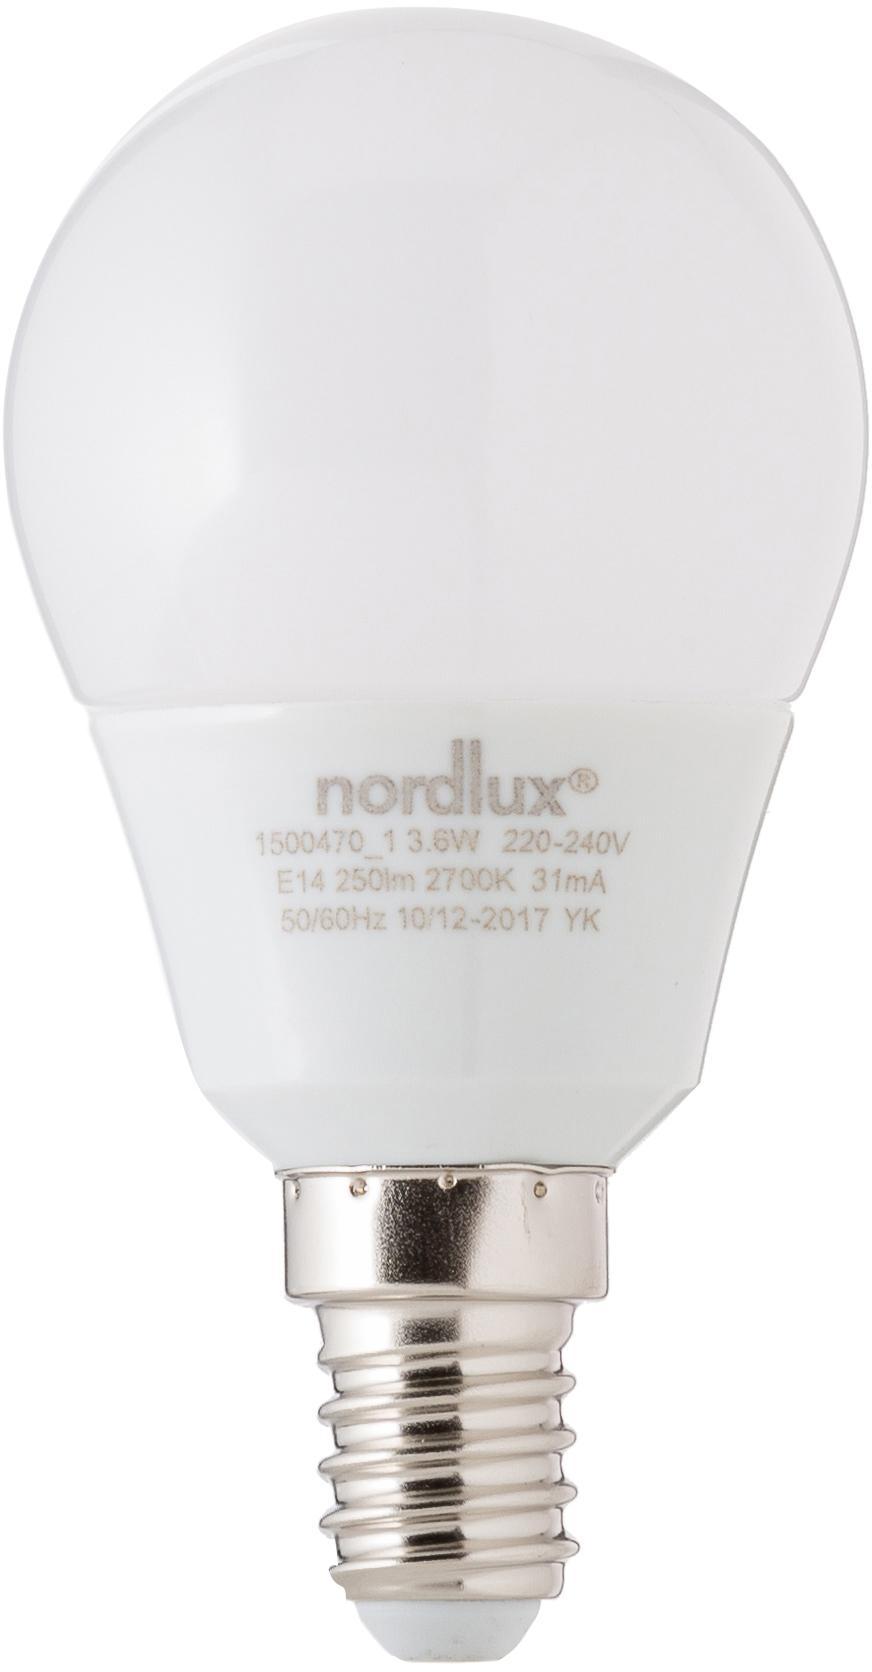 LED Leuchtmittel Azer (E14/3.5W), 5 Stück, Leuchtmittelschirm: Opalglas, Leuchtmittelfassung: Aluminium, Weiß, Ø 5 x H 9 cm